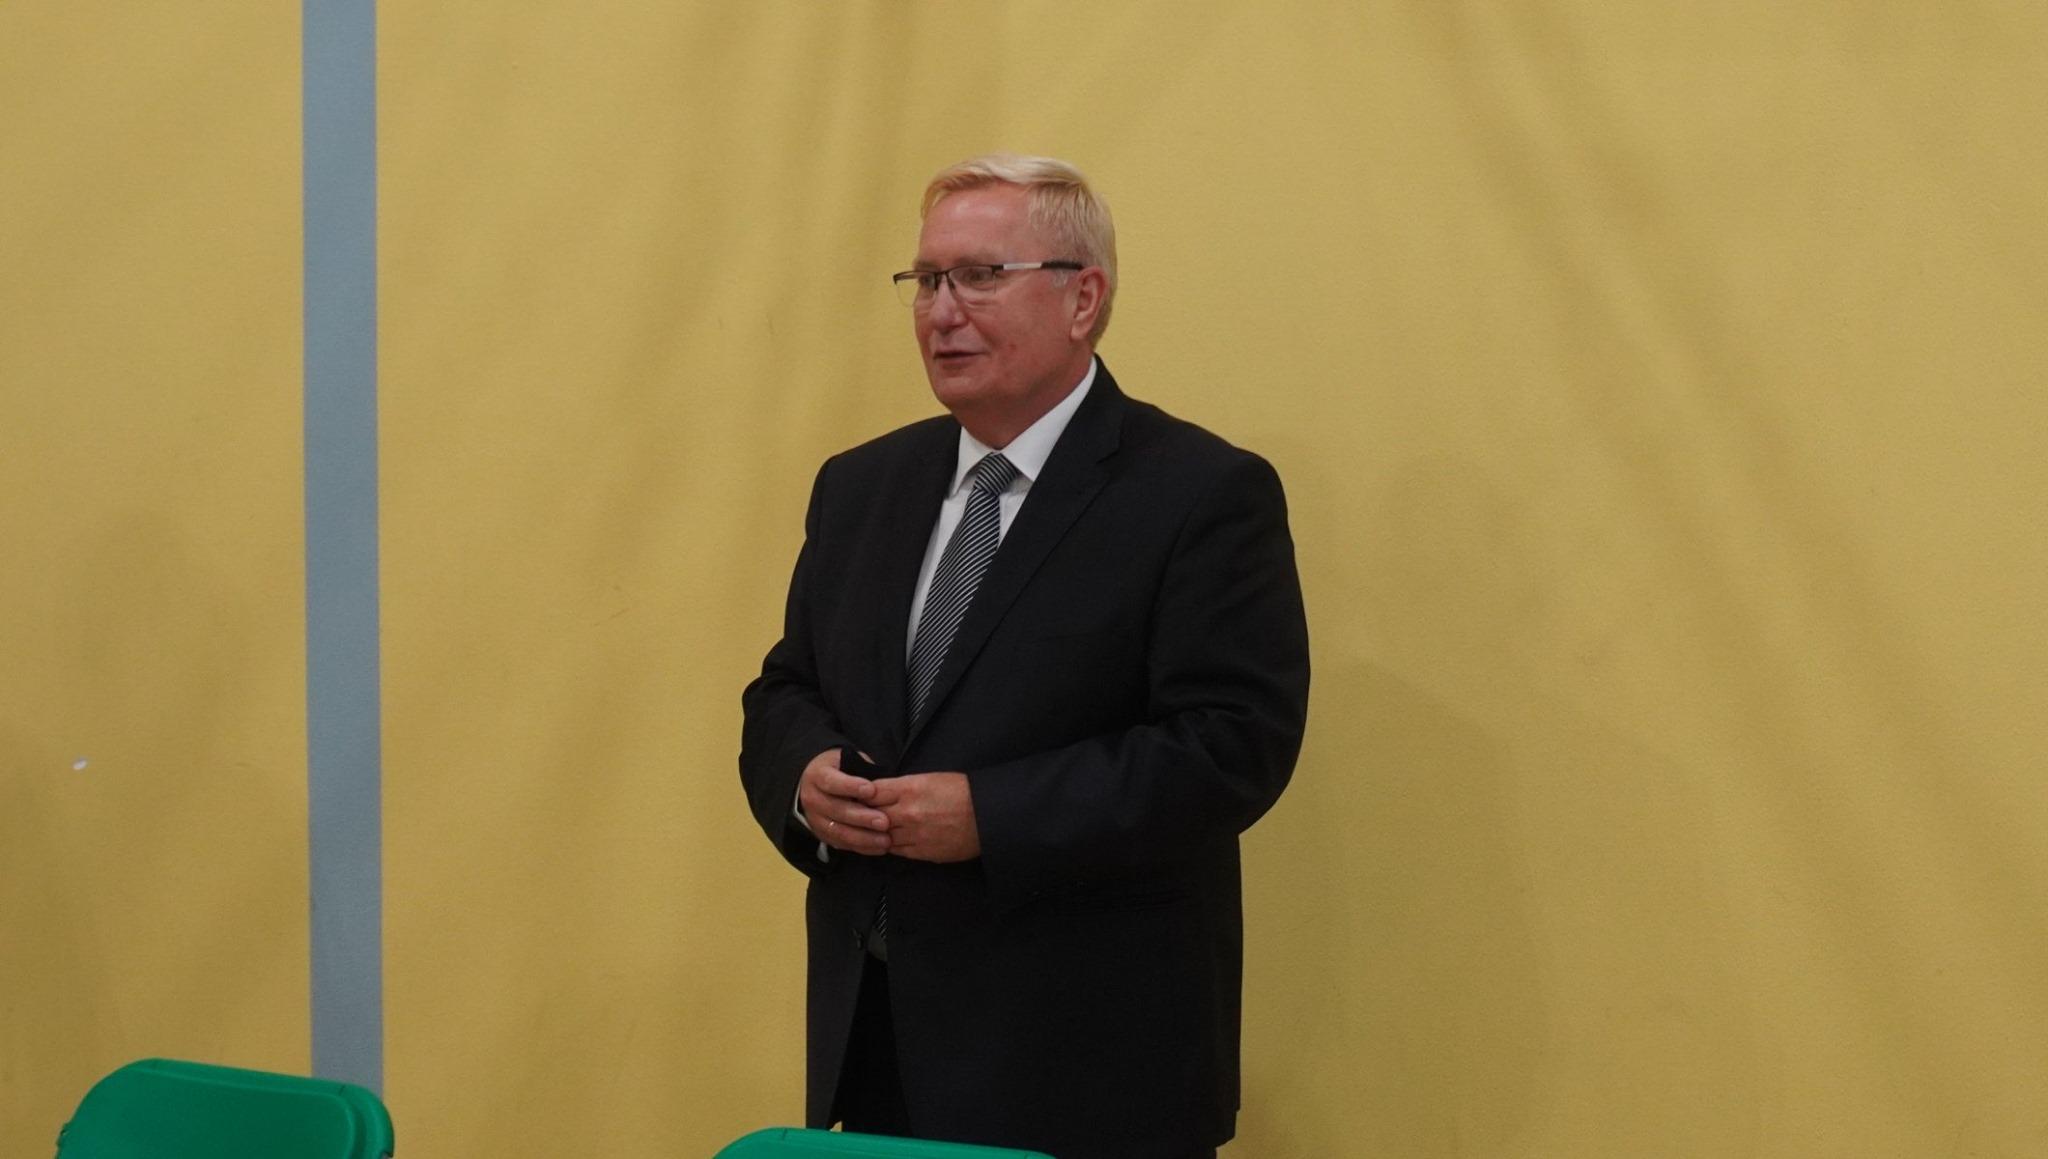 Szkoła Podstawowa nr 9 w Mielcu ma nowego dyrektora - Zdjęcie główne